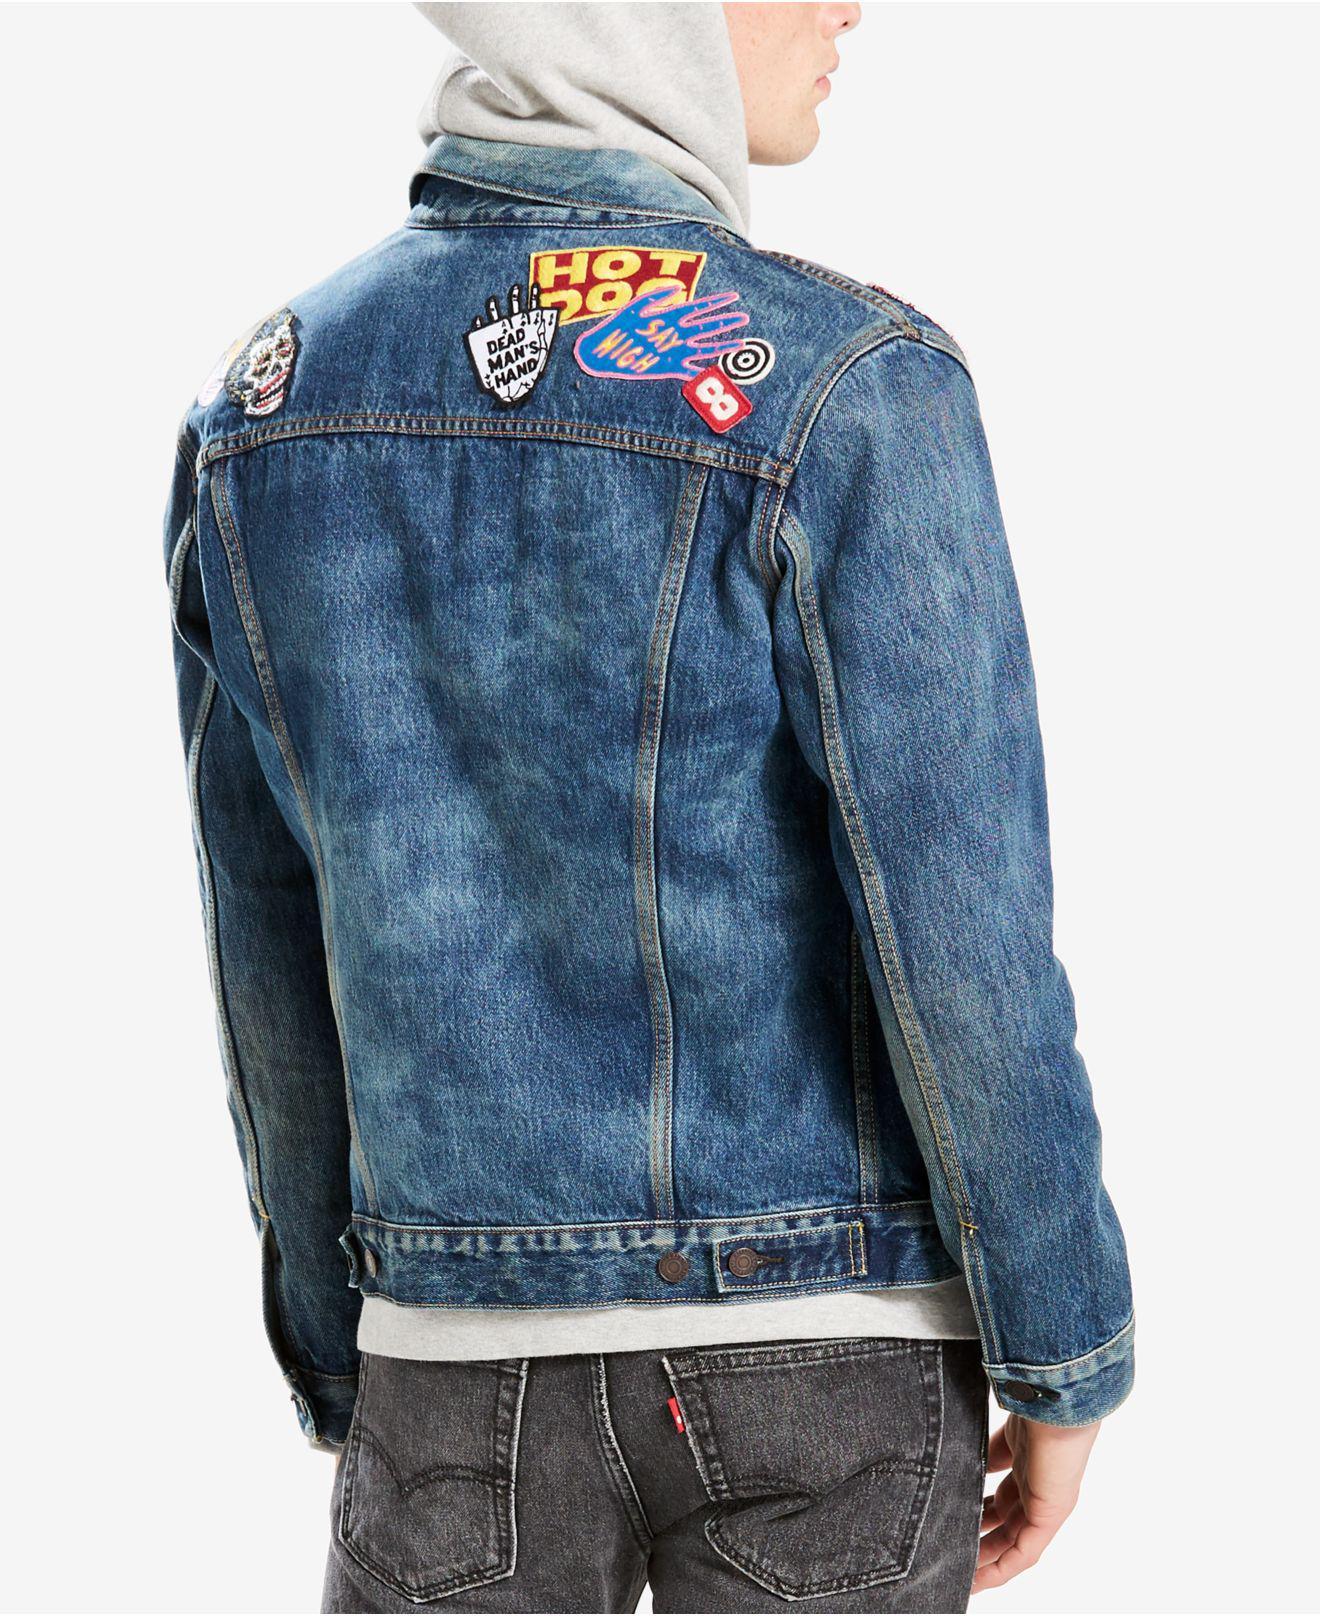 04fec94c739 Denim Jacket Levi's Embellished Lyst Trucker Blue Men's Patch In nxO1IzqZ4